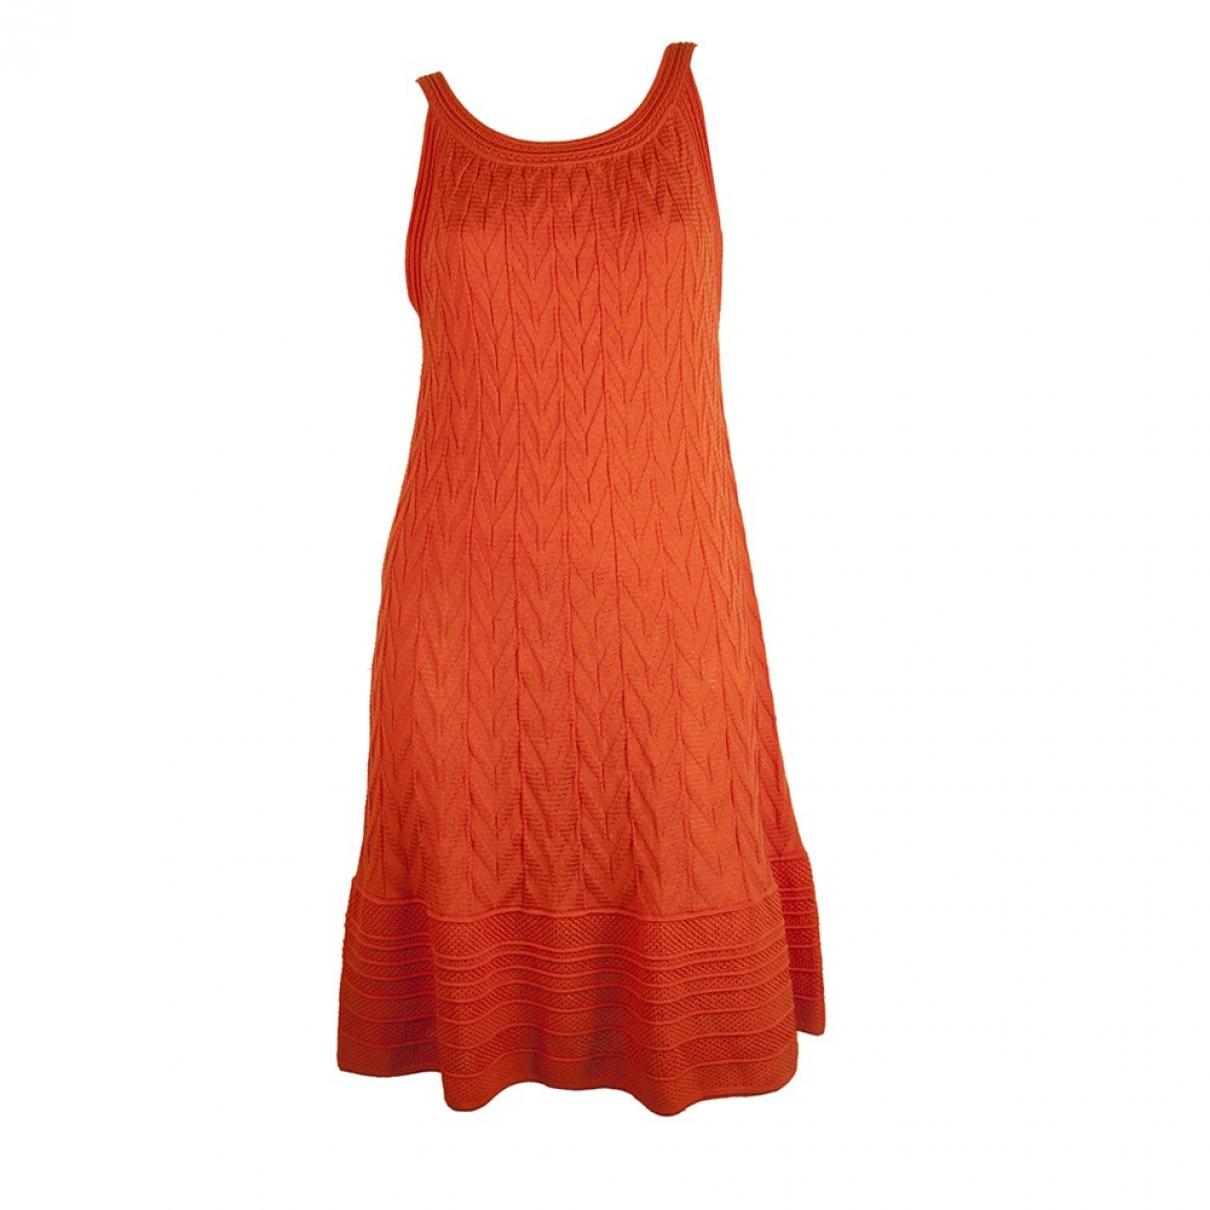 M Missoni \N Kleid in  Orange Wolle